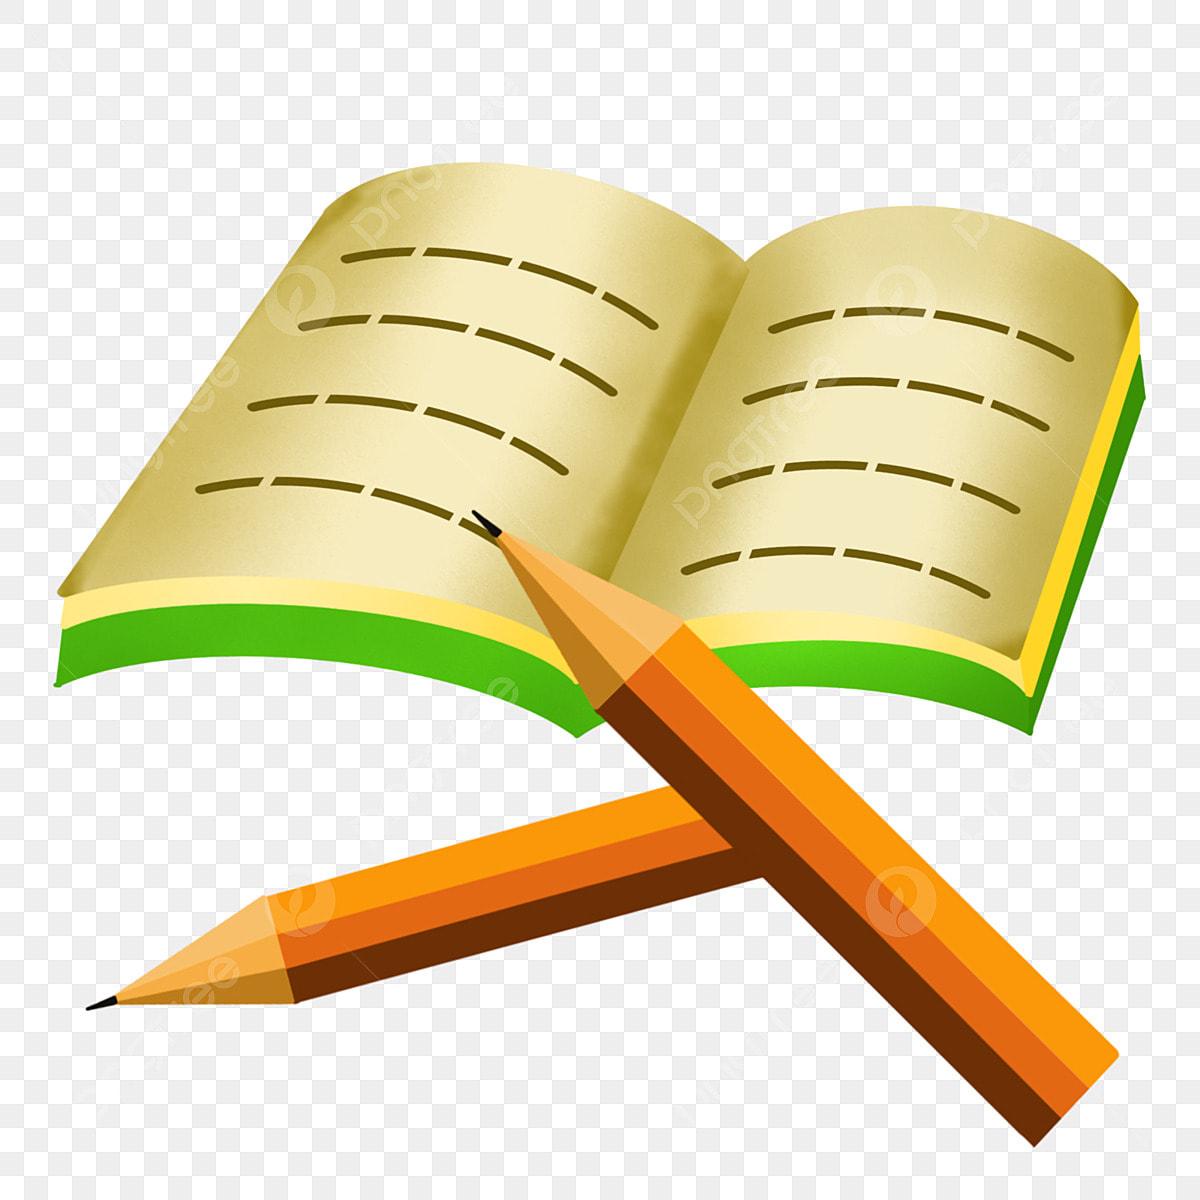 كتاب مفتوح قلم رصاص رسم قلمان كتاب رسم لوازم مدرسية Png وملف Psd للتحميل مجانا